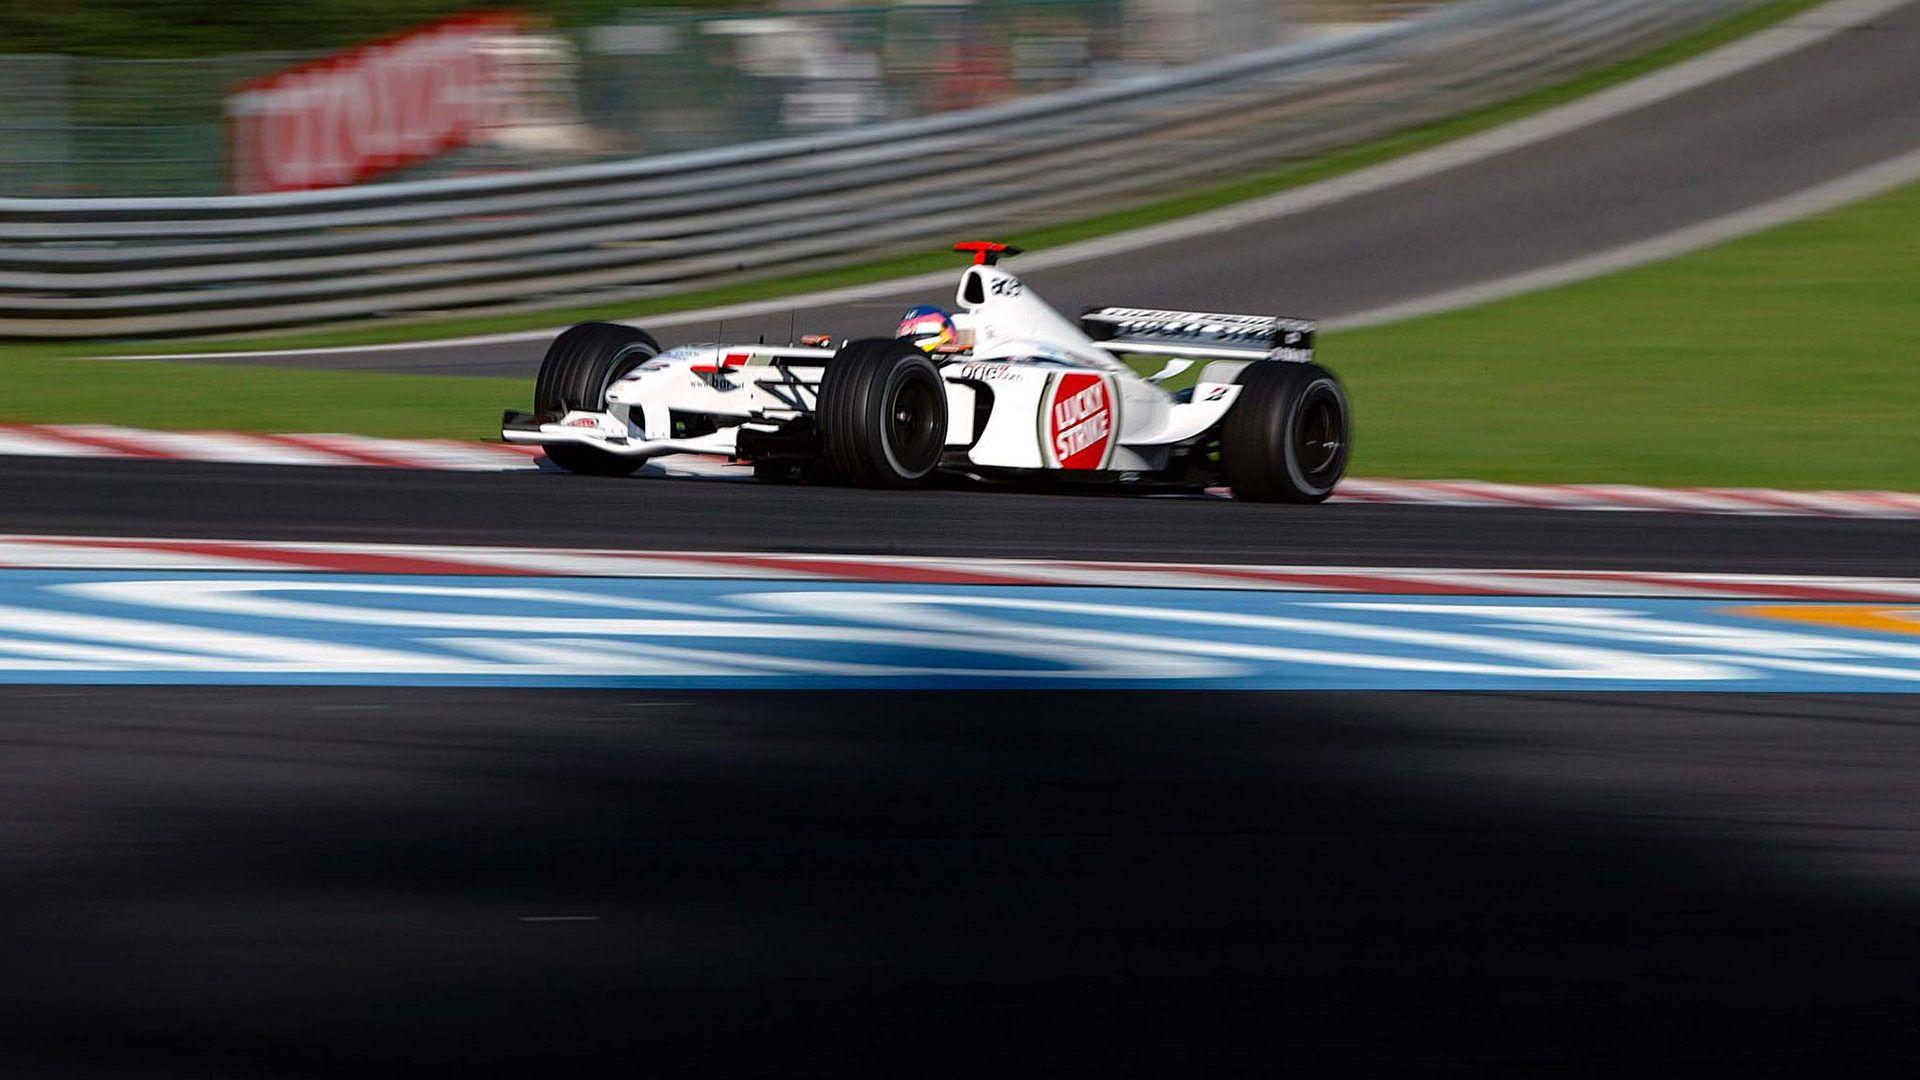 Jacques Villeneuve - B.A.R 004 - 2002